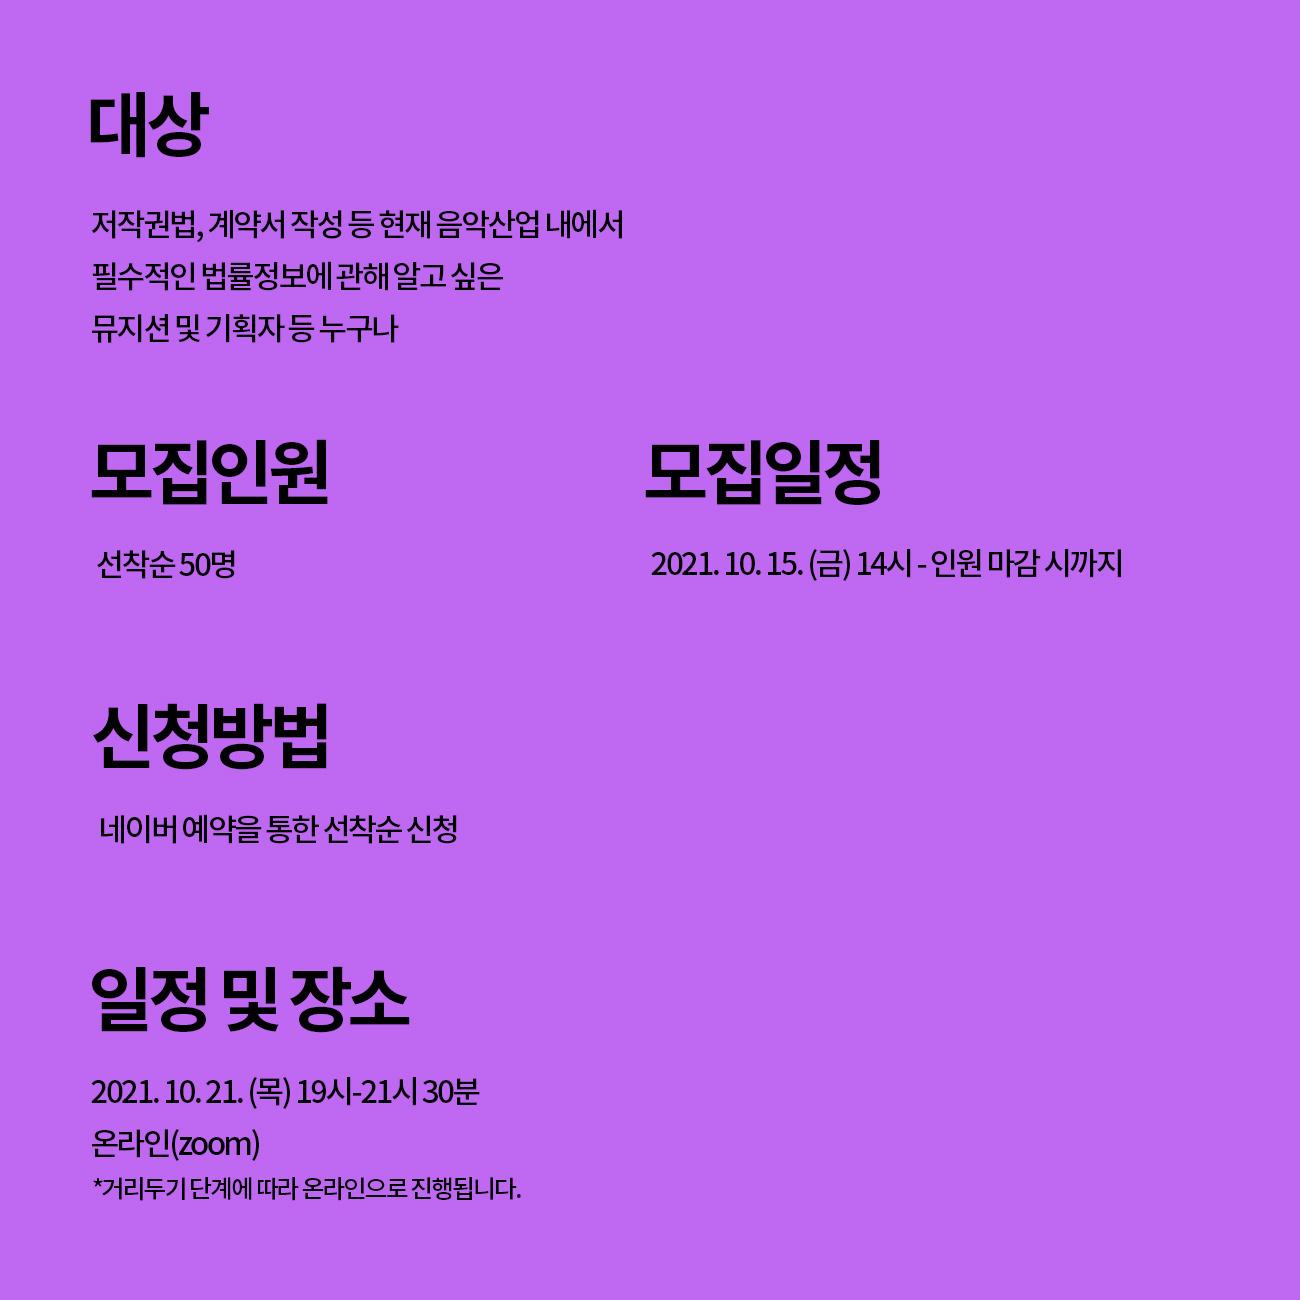 서울라이브 B-Side 실무강의(4) : 음악 저작권과 저작권산업의 이해 참여 신청 안내